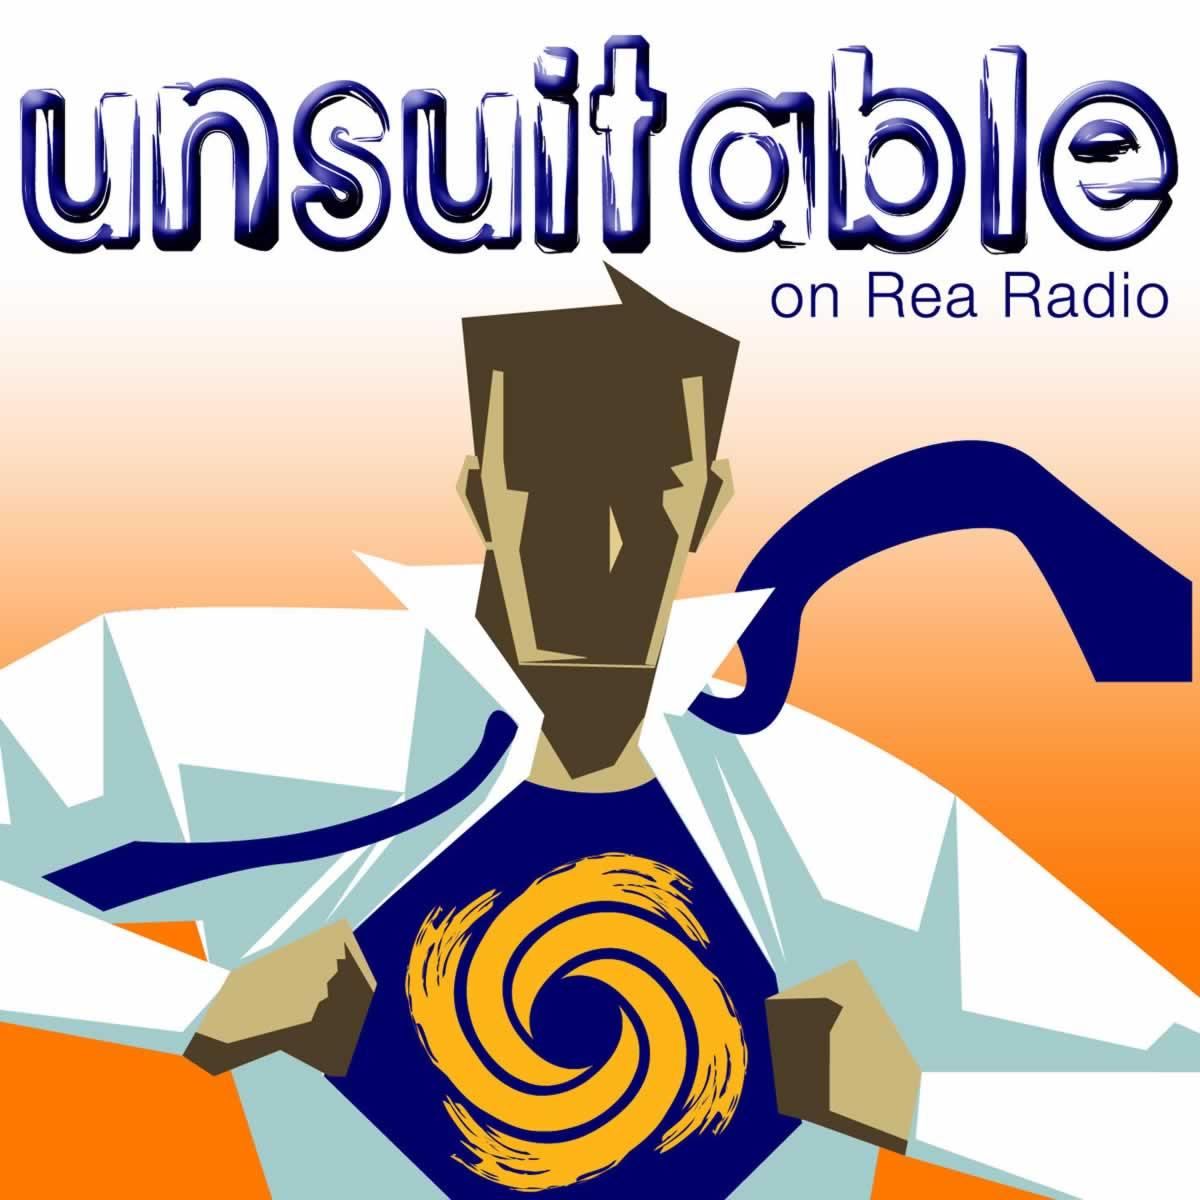 Unsuitable on Rea Radio.